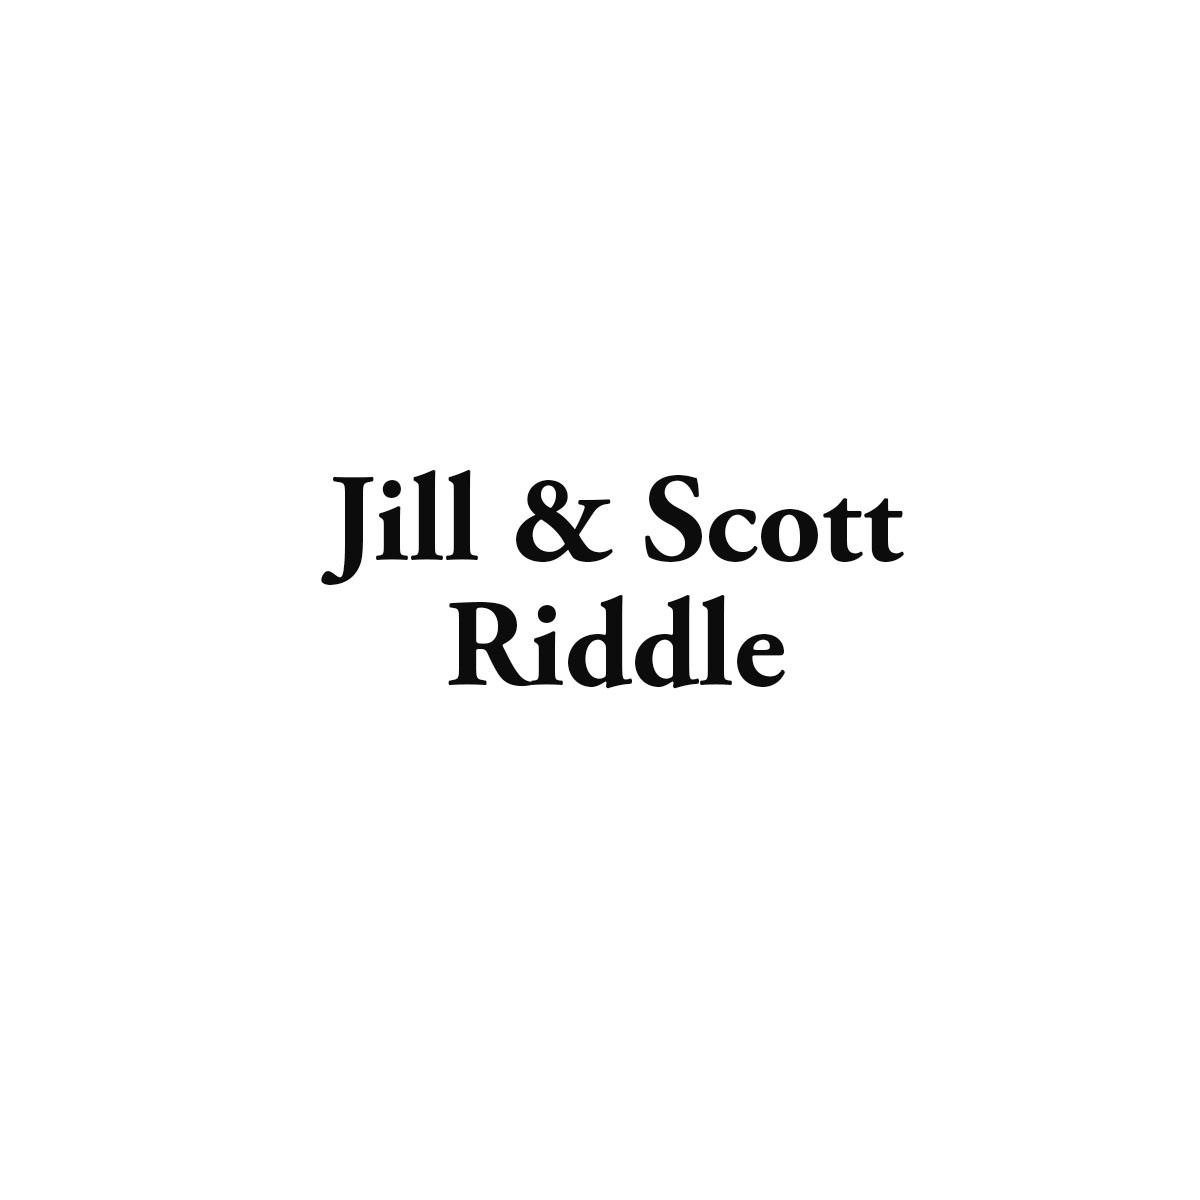 Jill and Scott Riddle